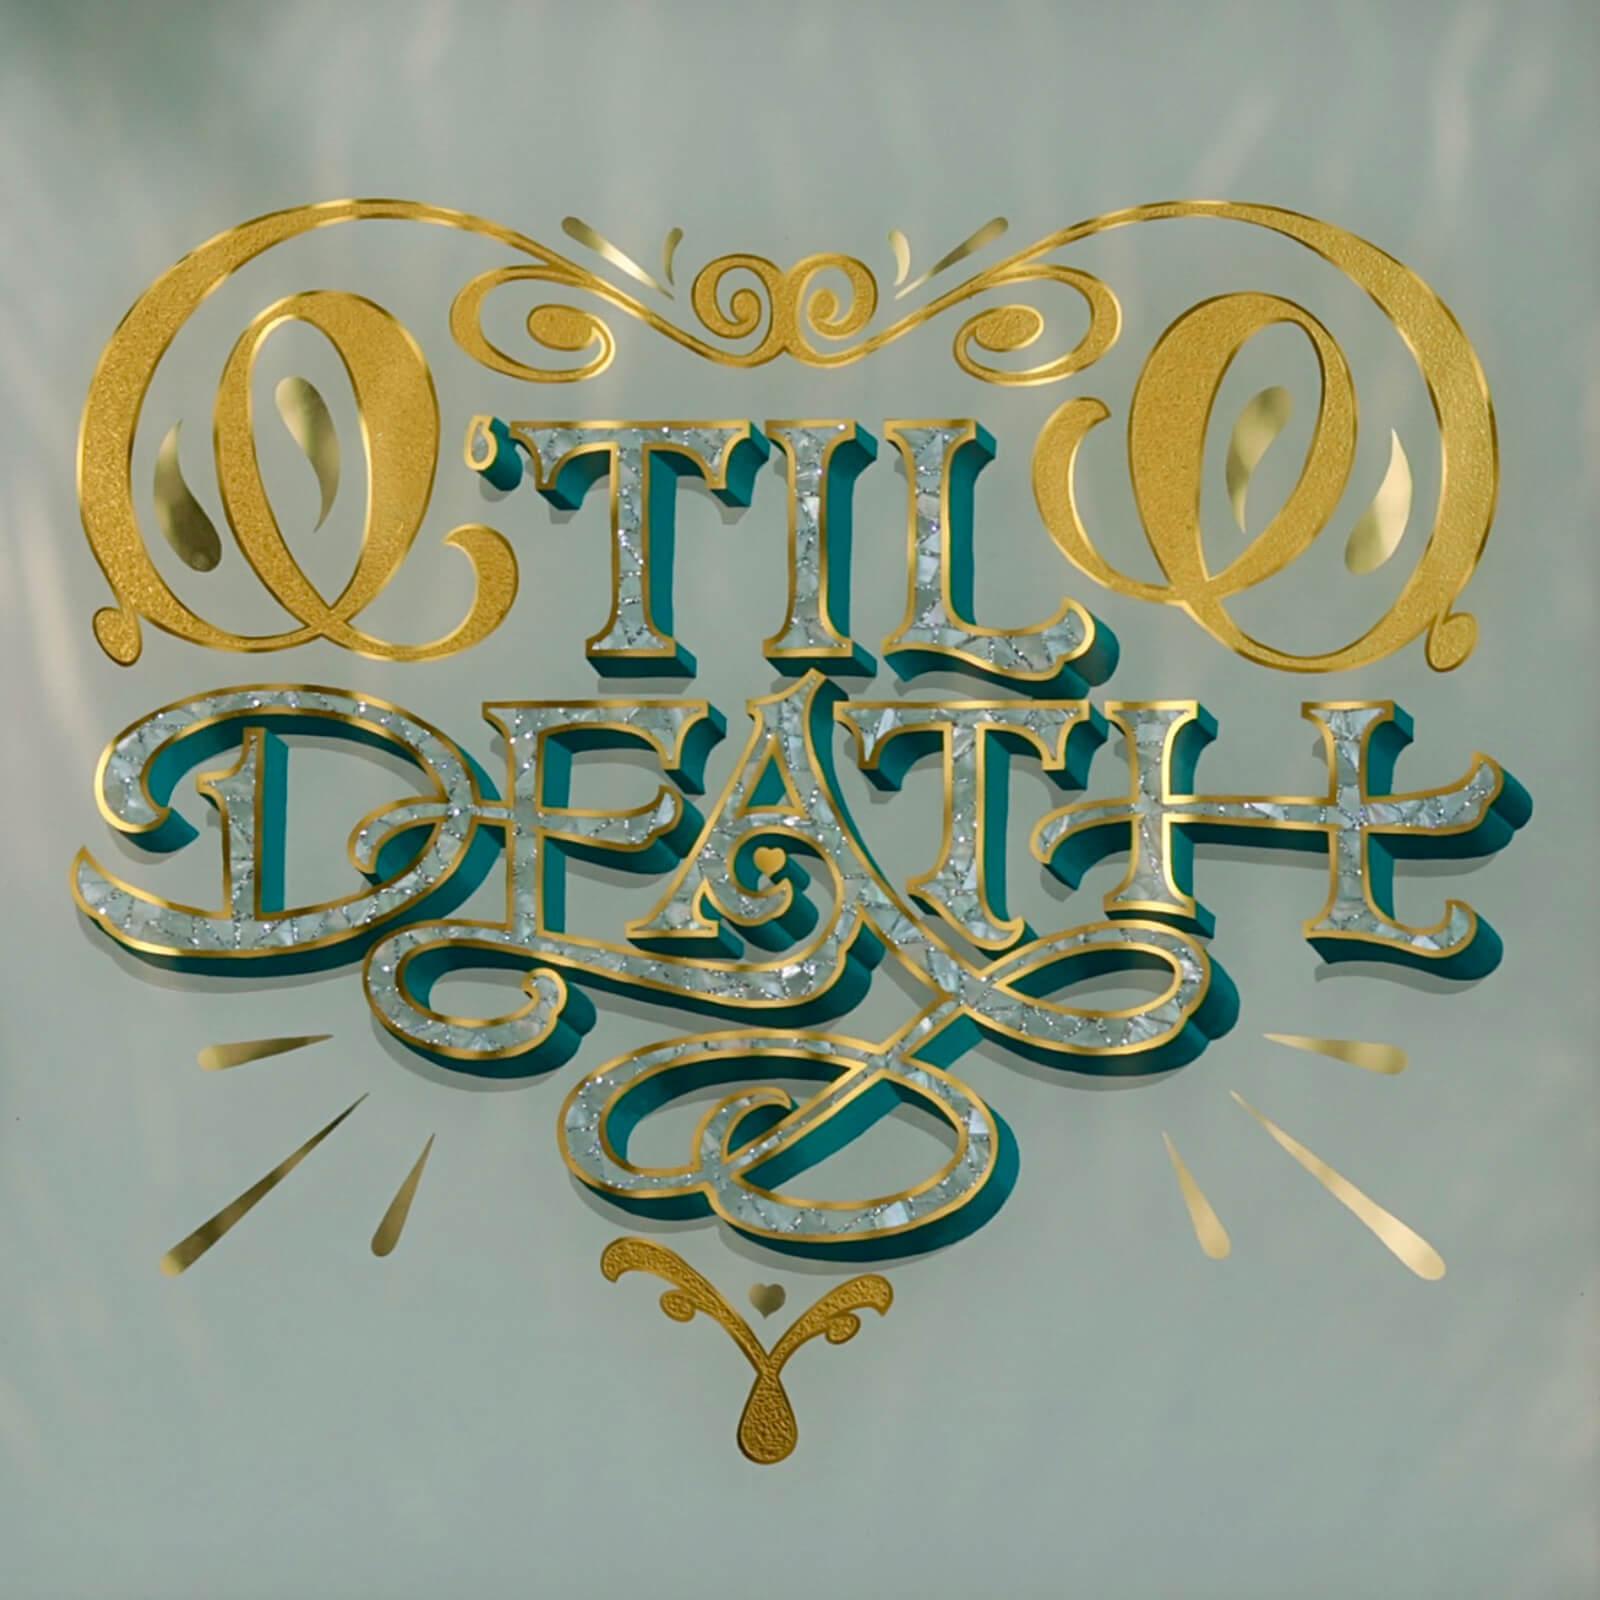 'Til Death - Mostly Letters